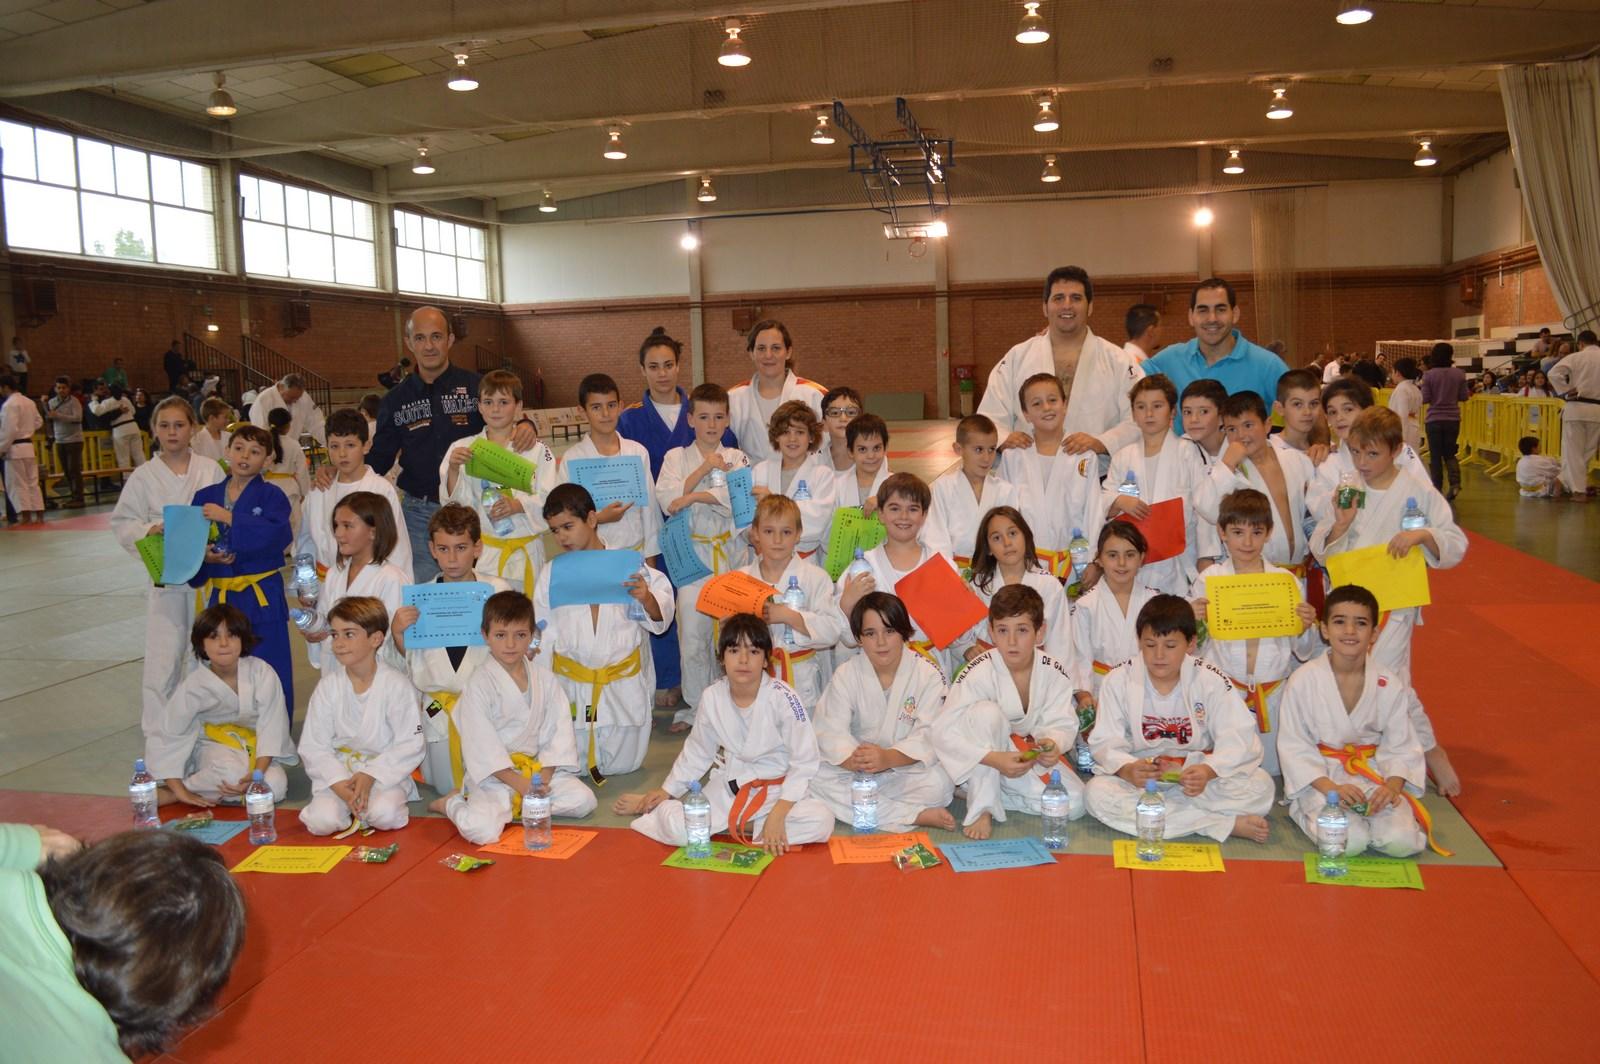 IV Encuentro de Judo Infantil